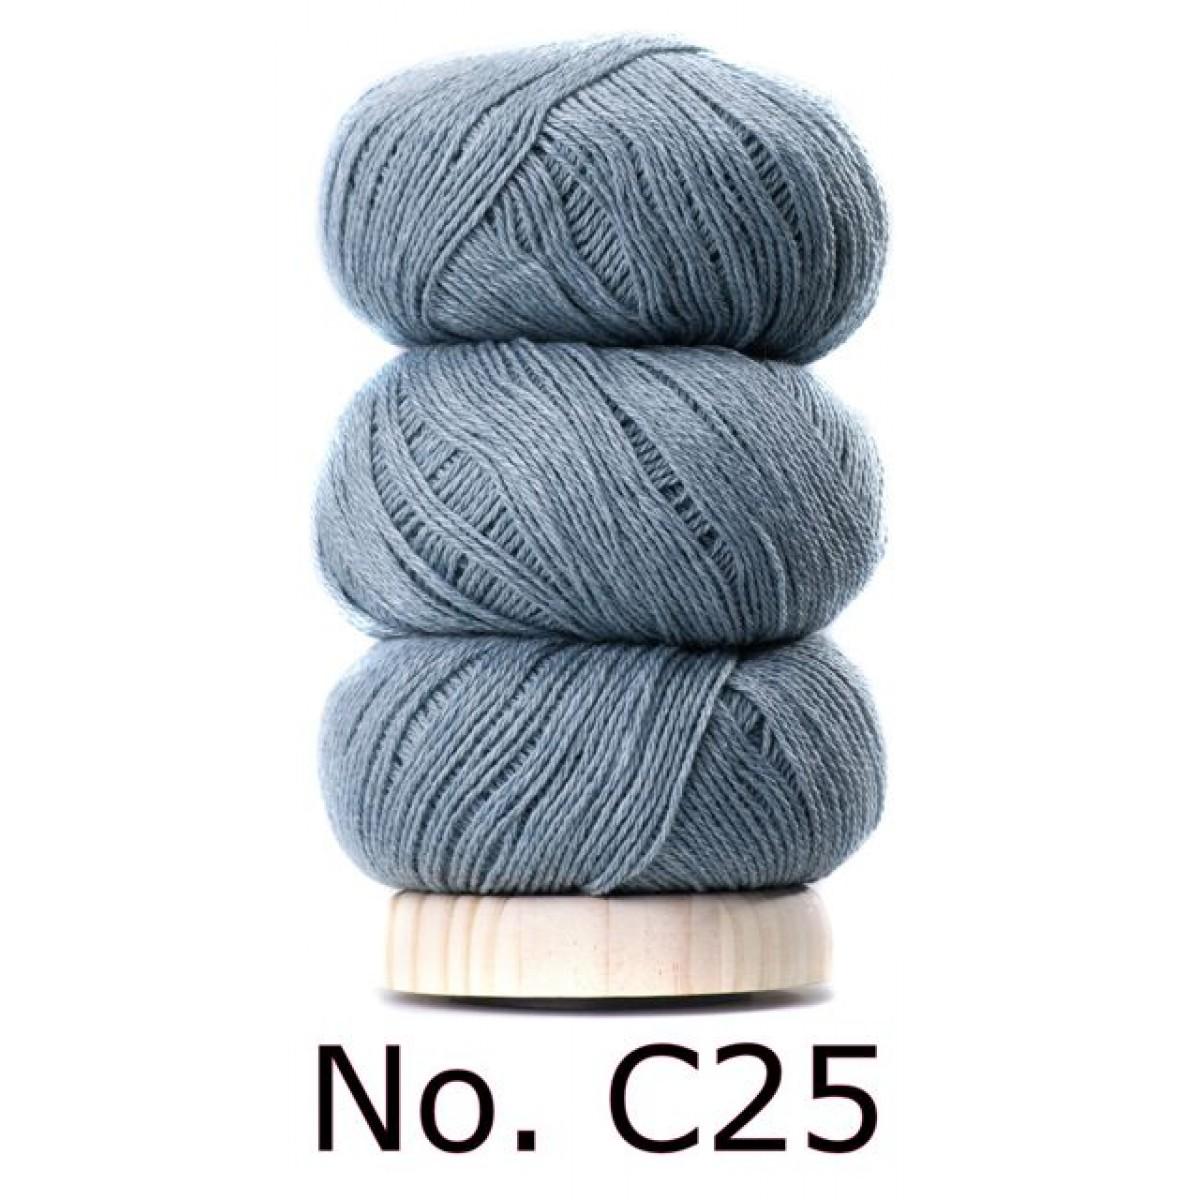 Nipsfigur-31